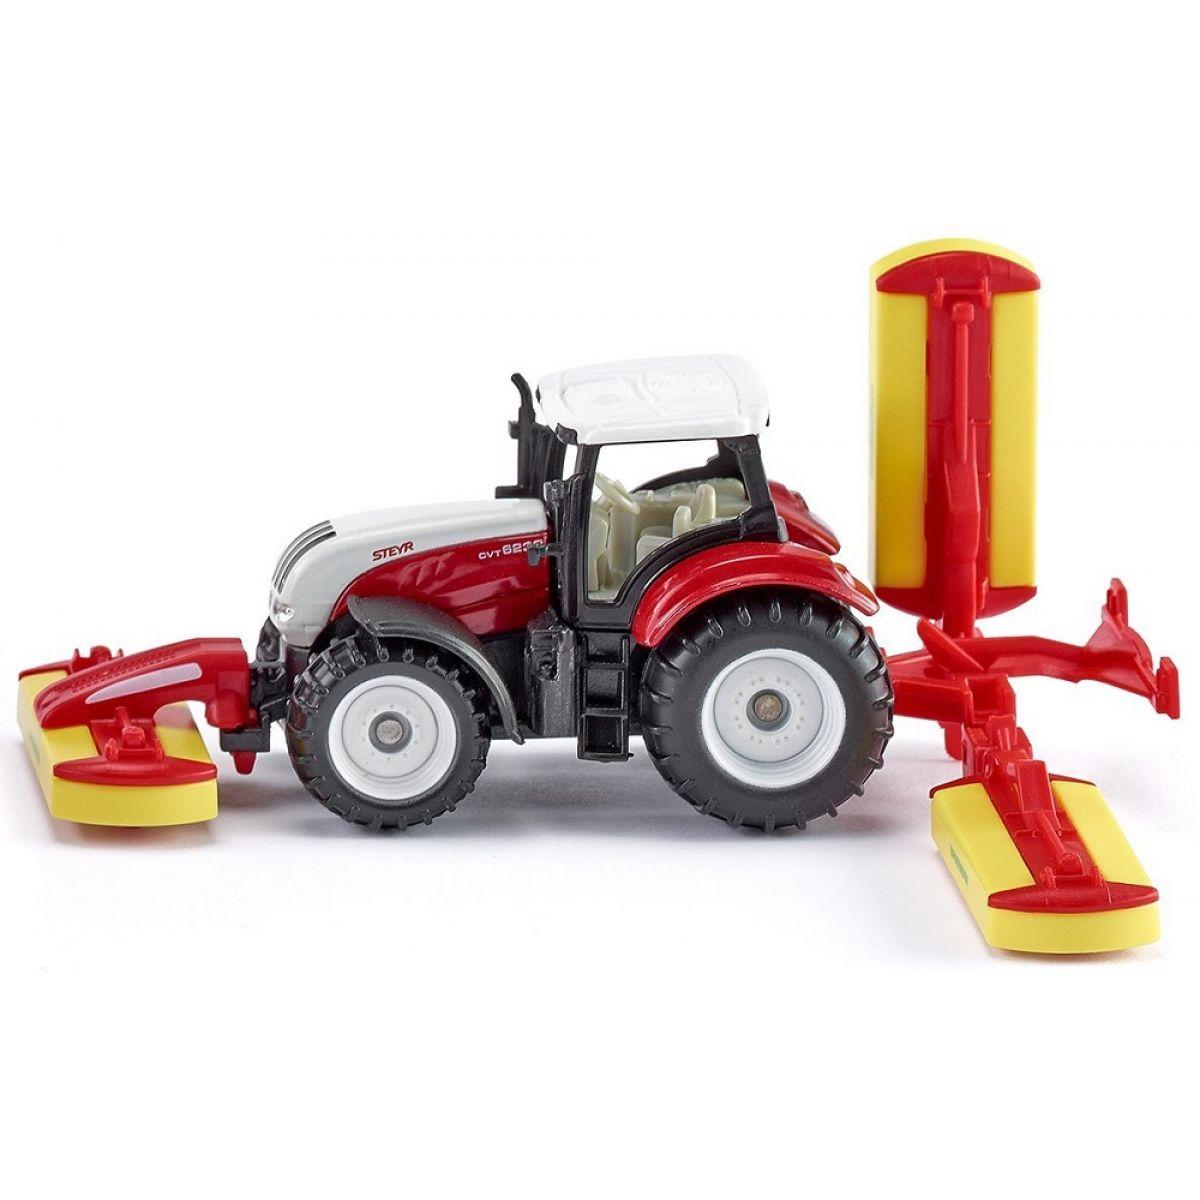 SIKU Traktor Steyr se sekacími nástavci 1:87 SIKU